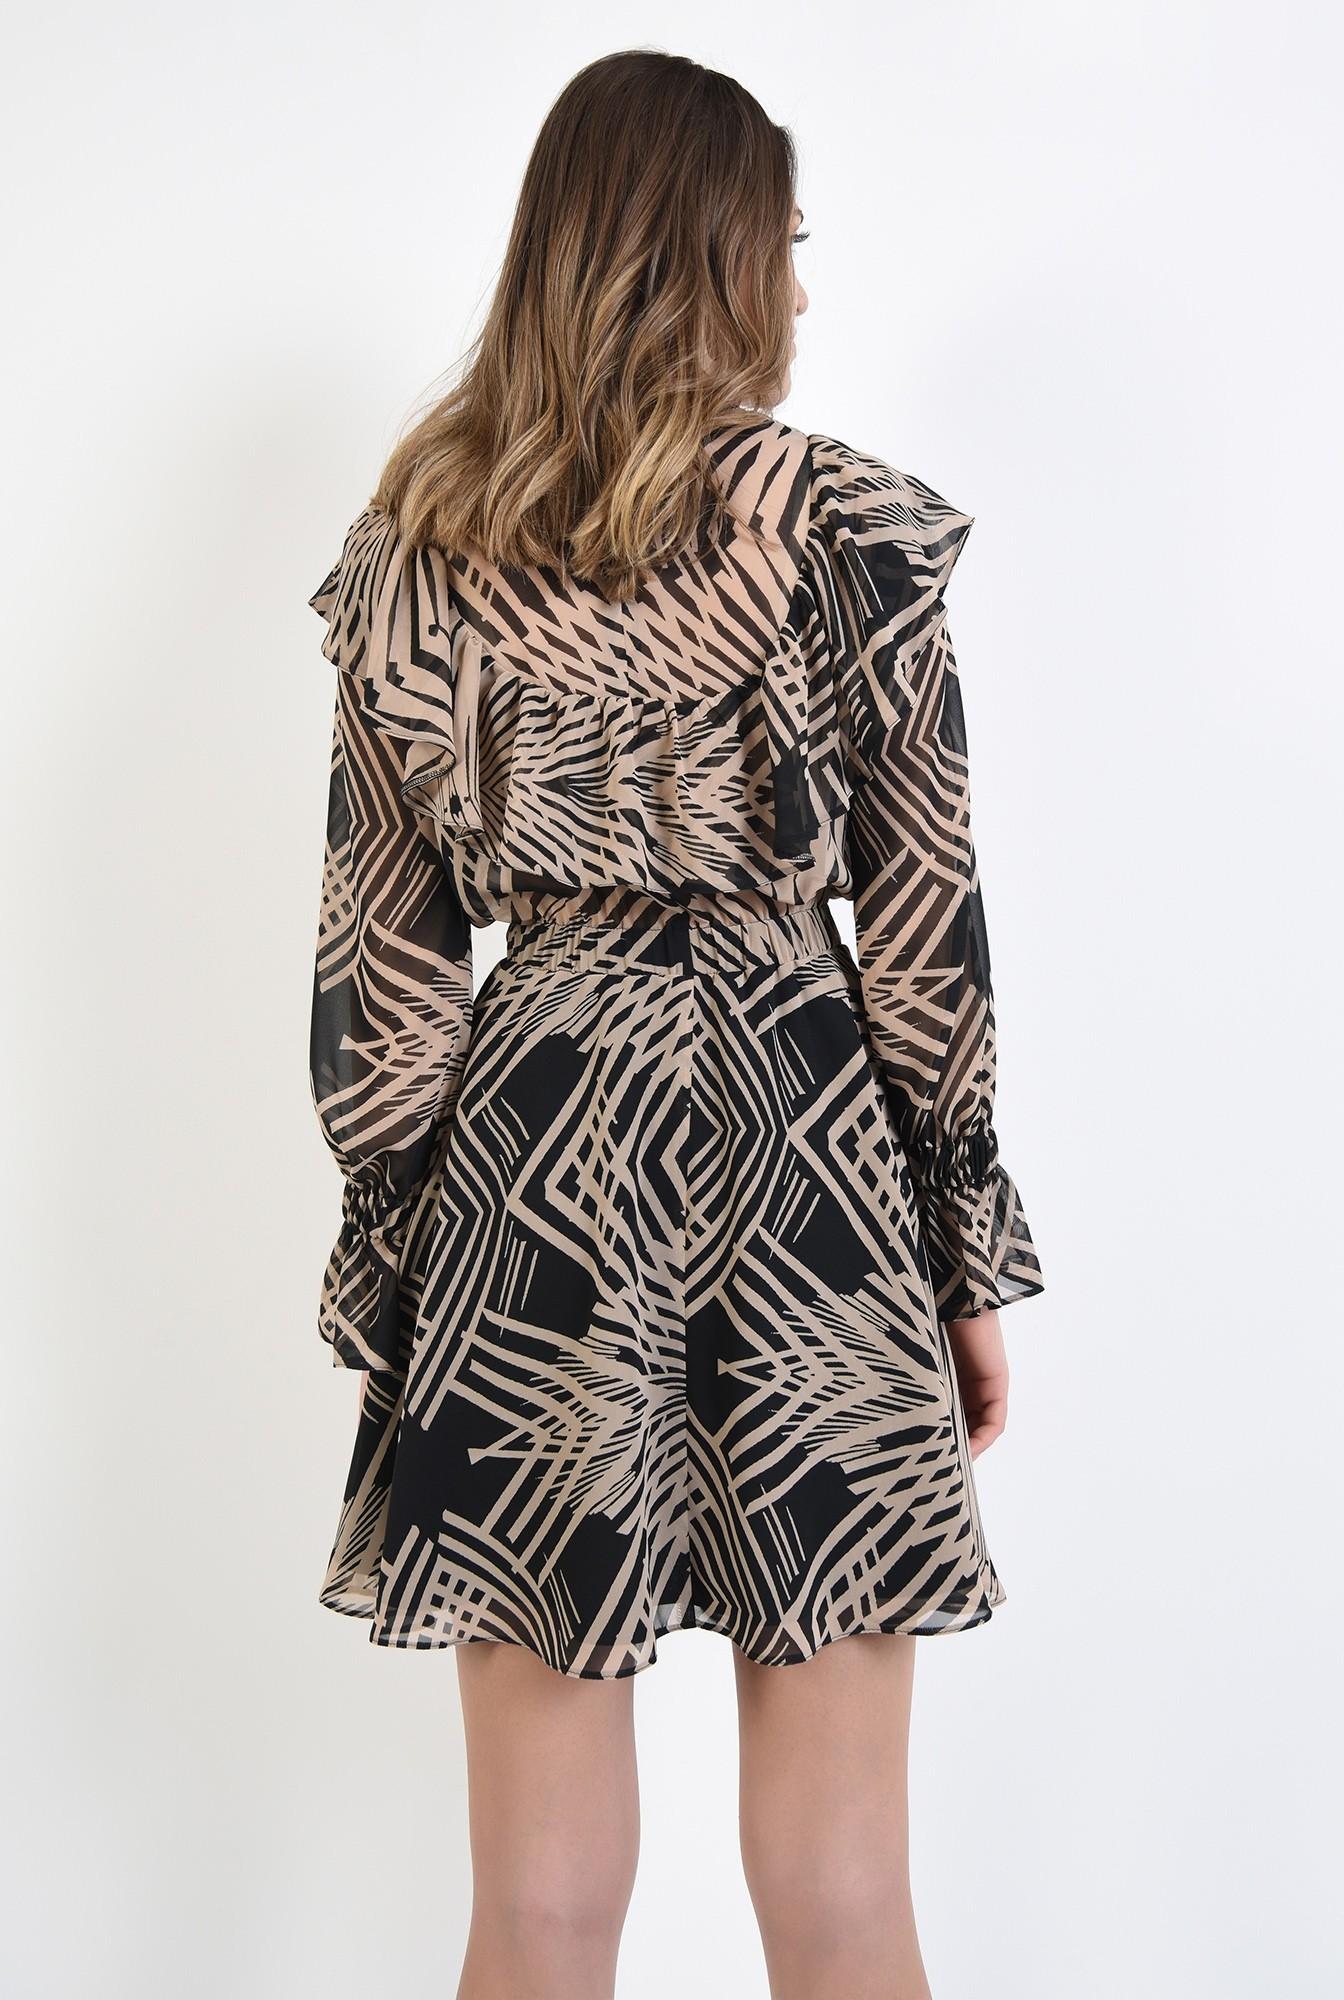 1 - rochie mini, cu imprimeu abstract, negru, bej, talie pe elastic, volan